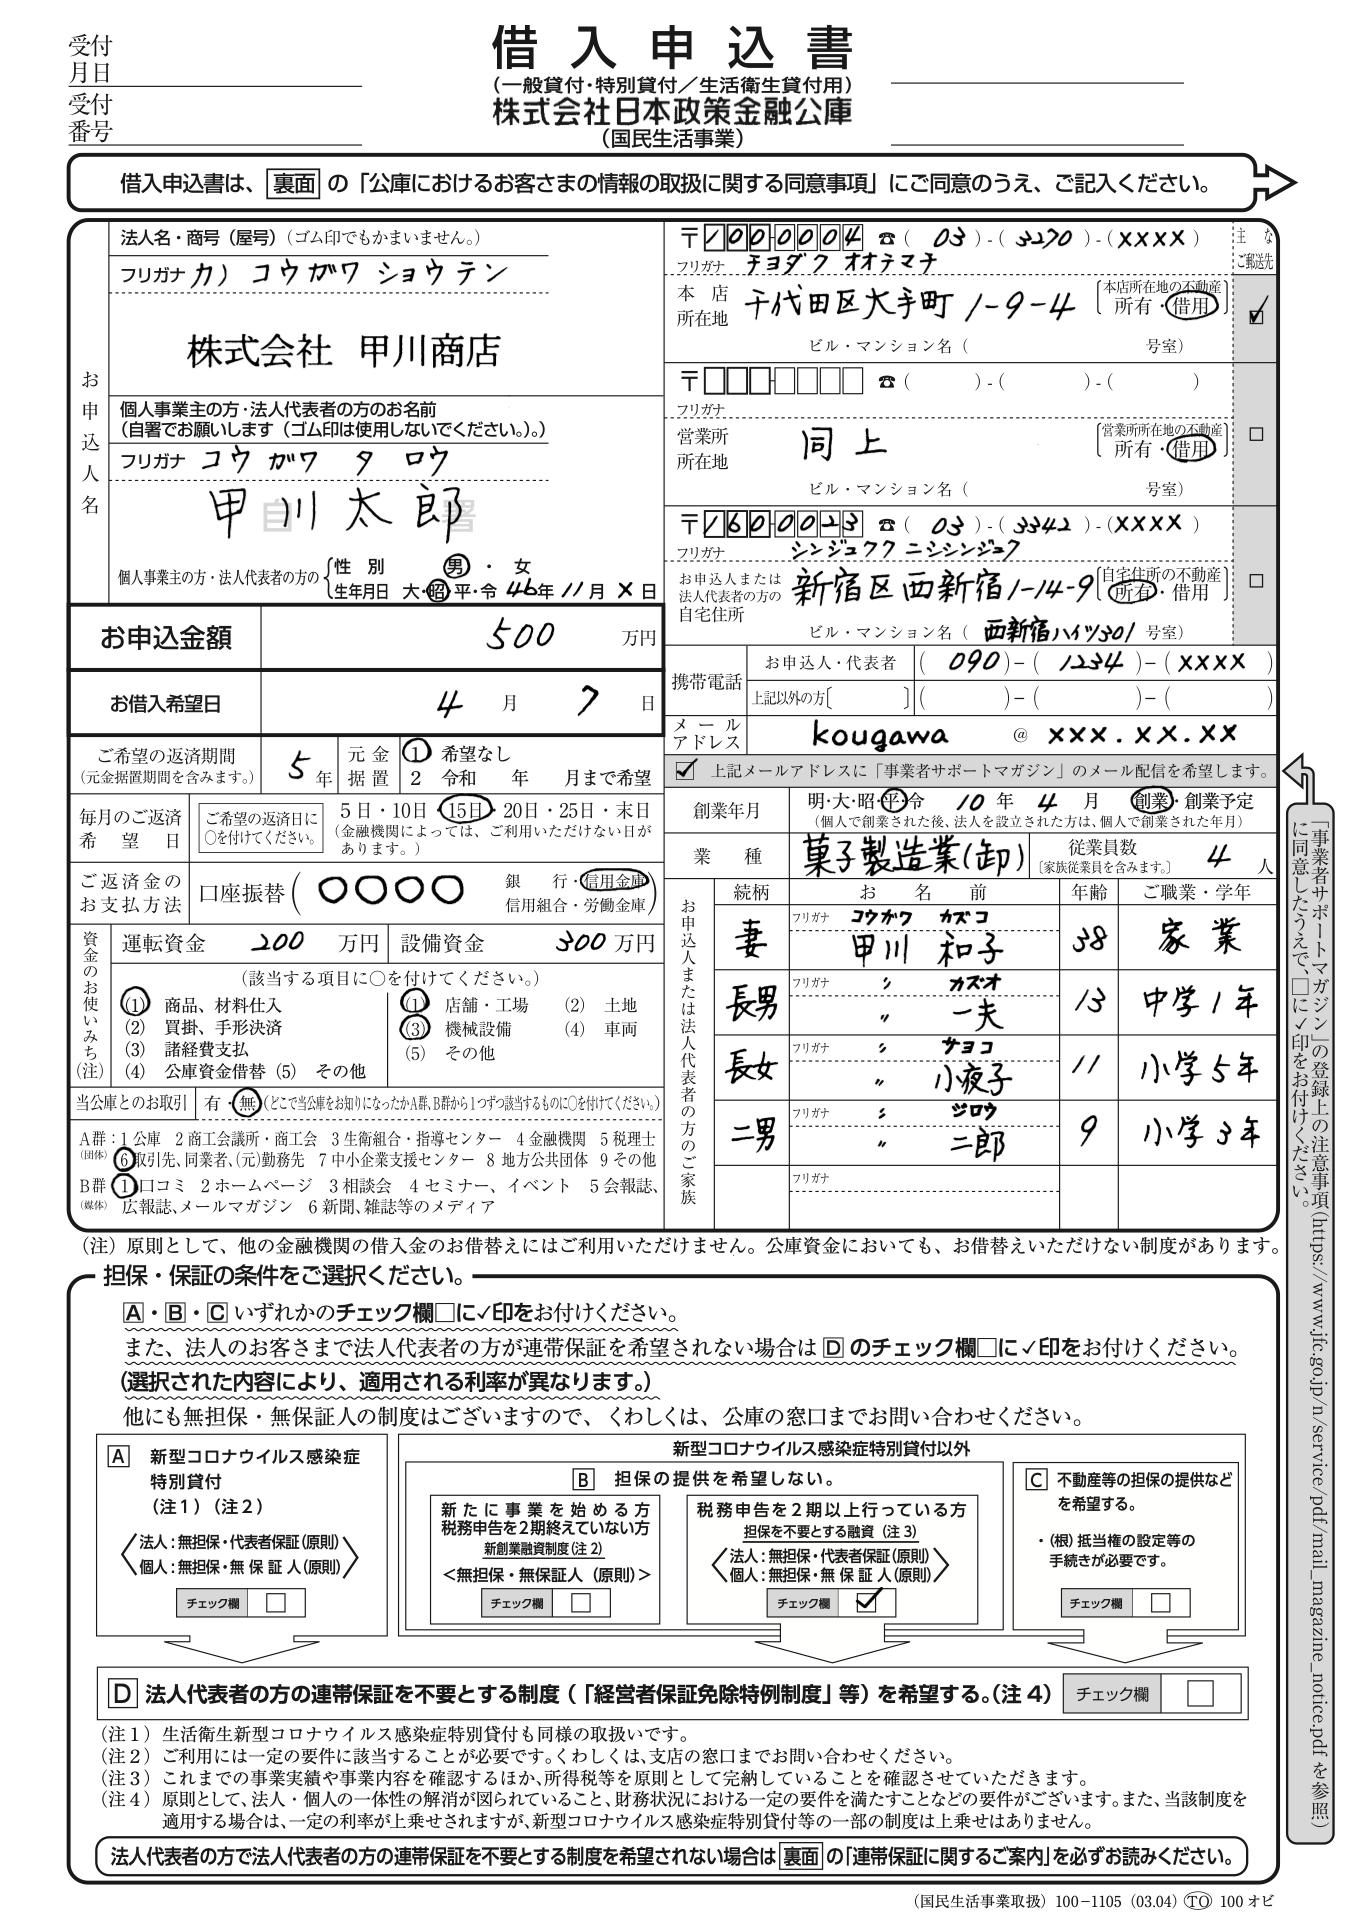 借入申込書の見本(日本政策金融公庫)